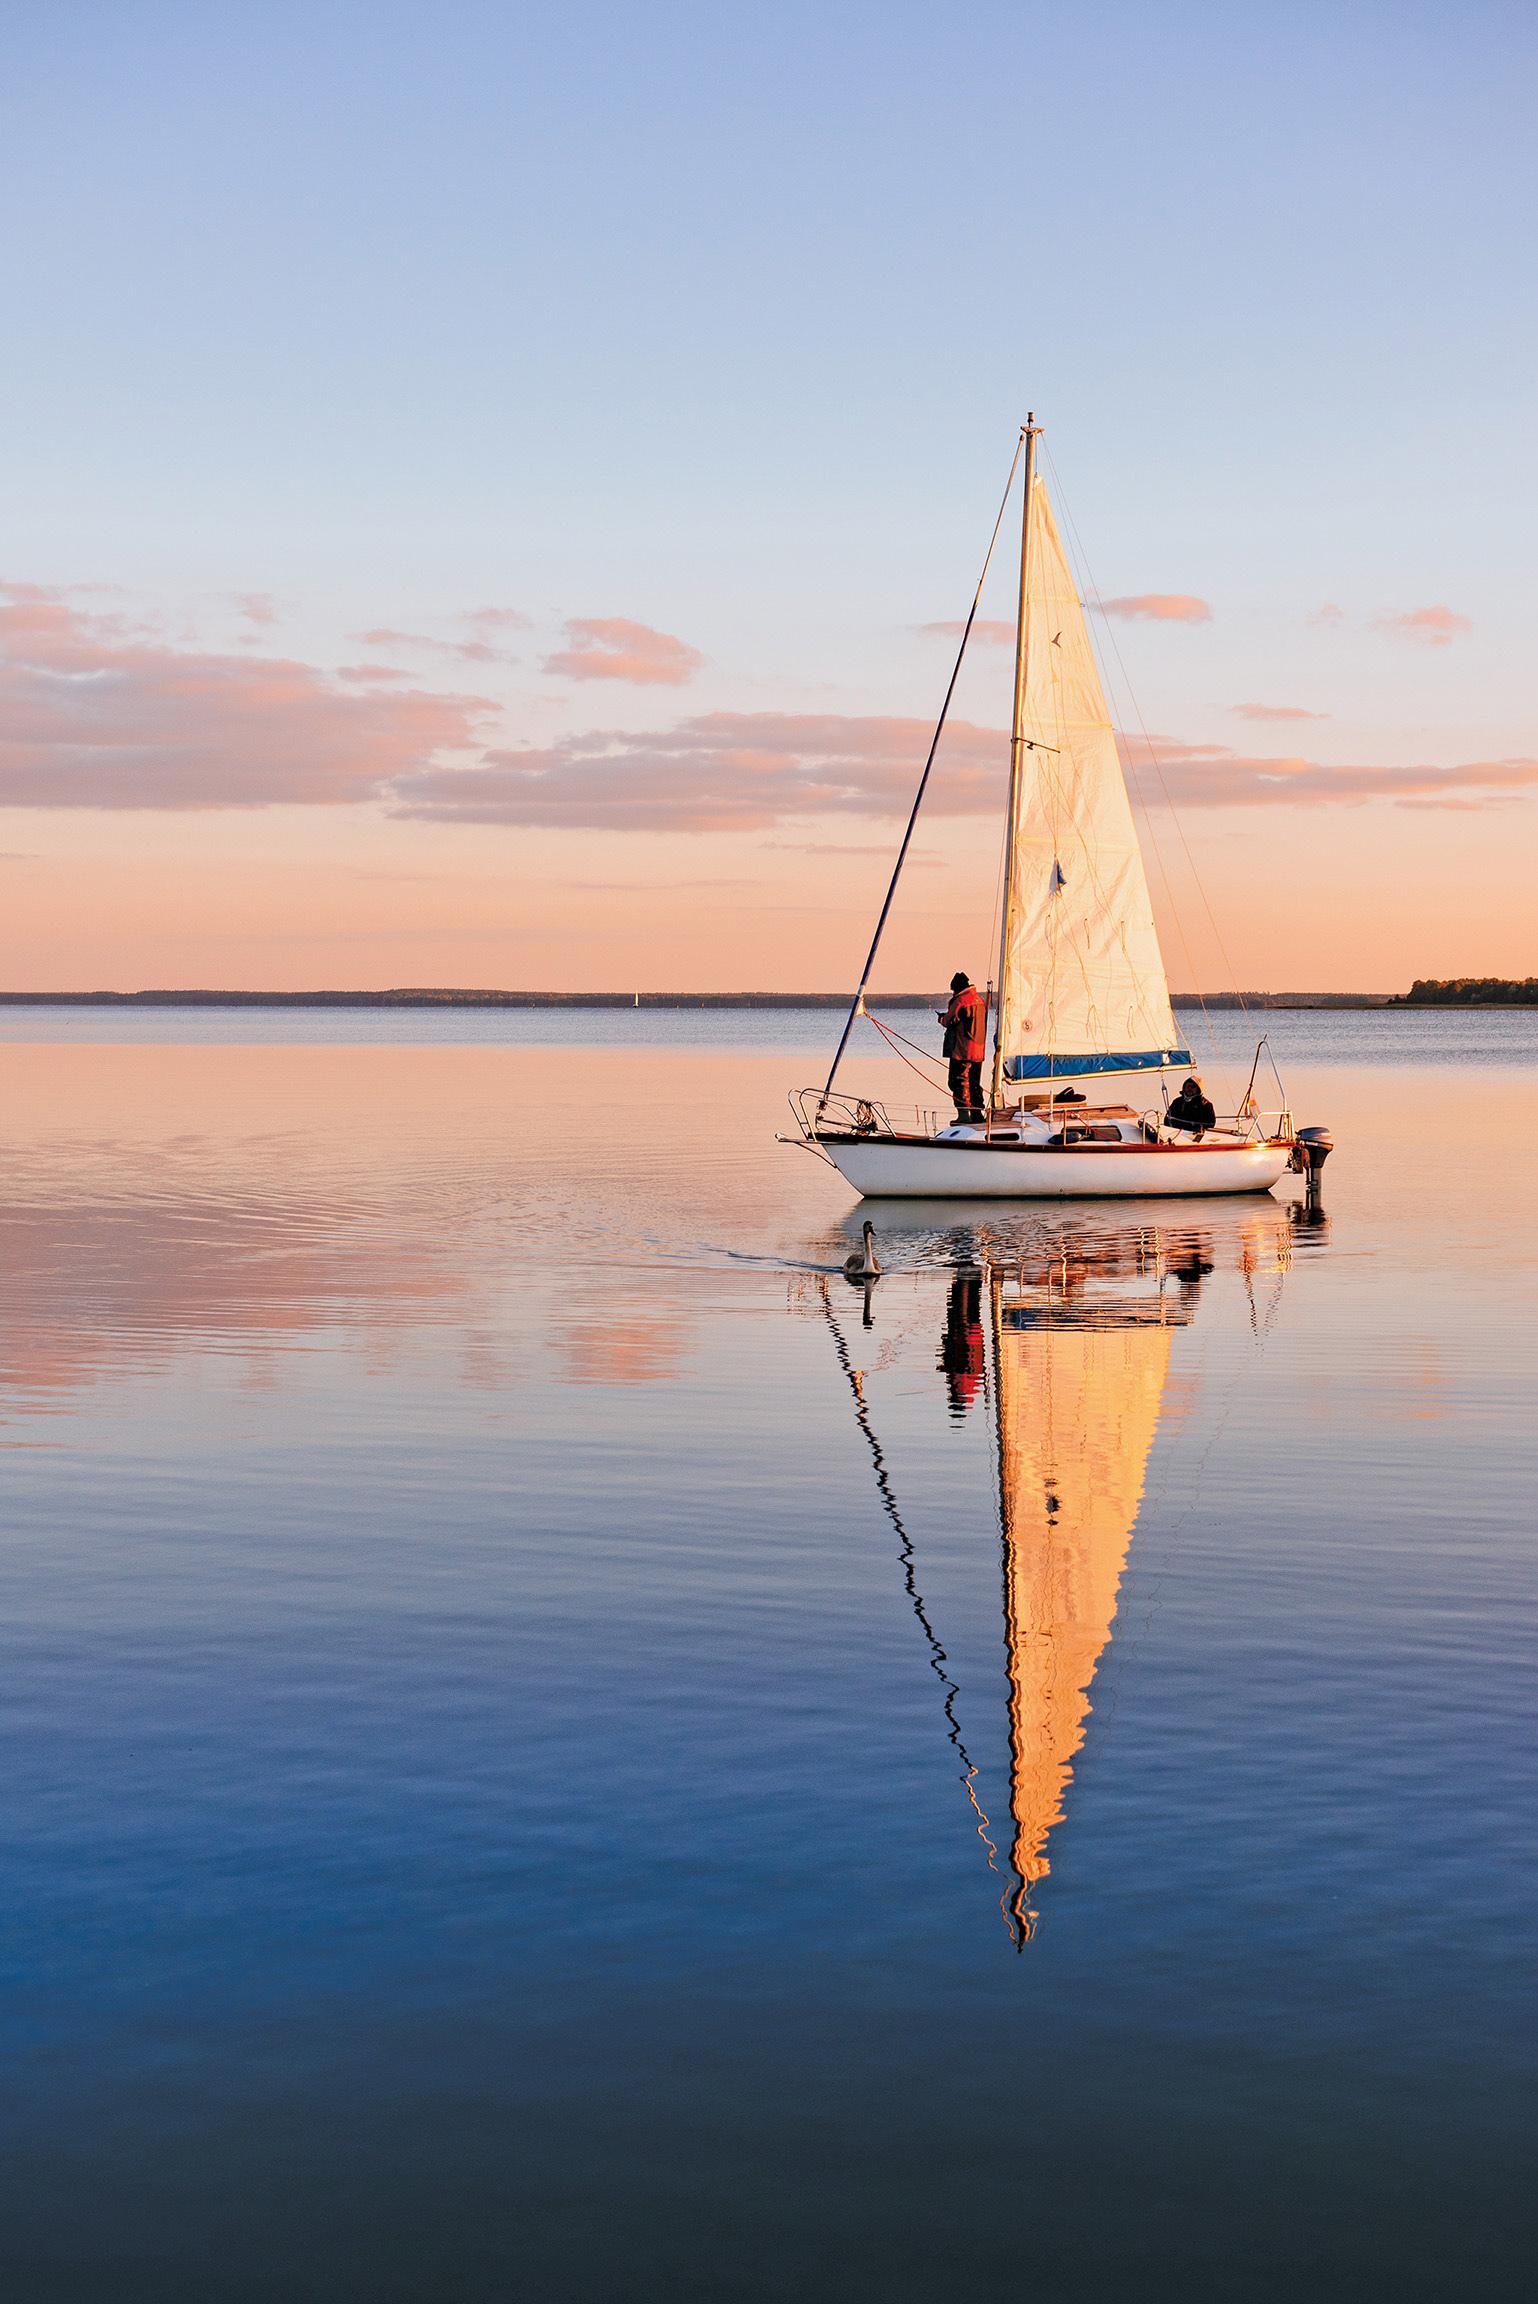 Sailing in Bolgoda lake